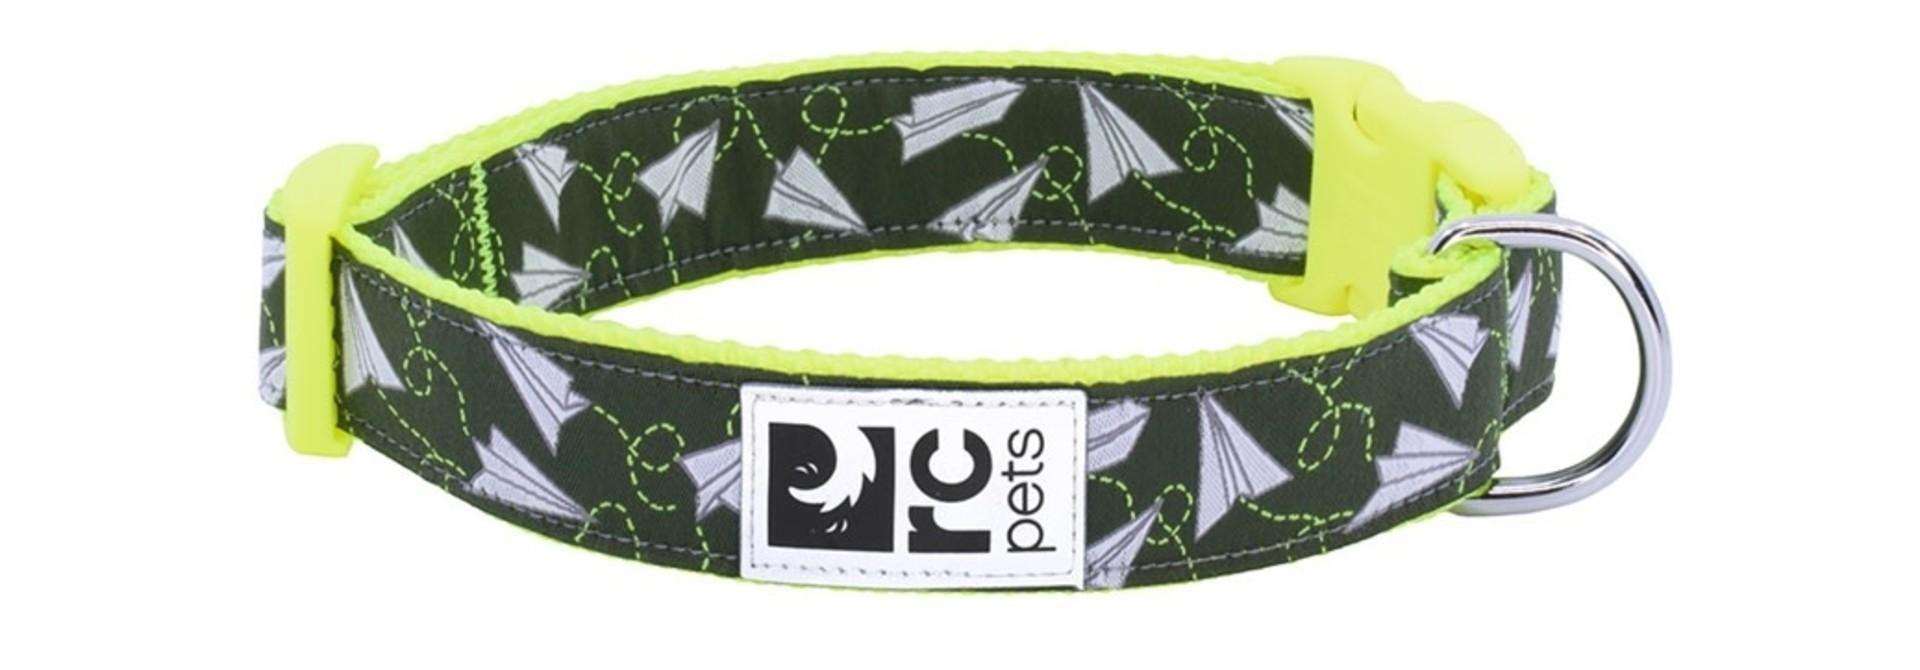 Clip Collar S 3/4 Paper Planes